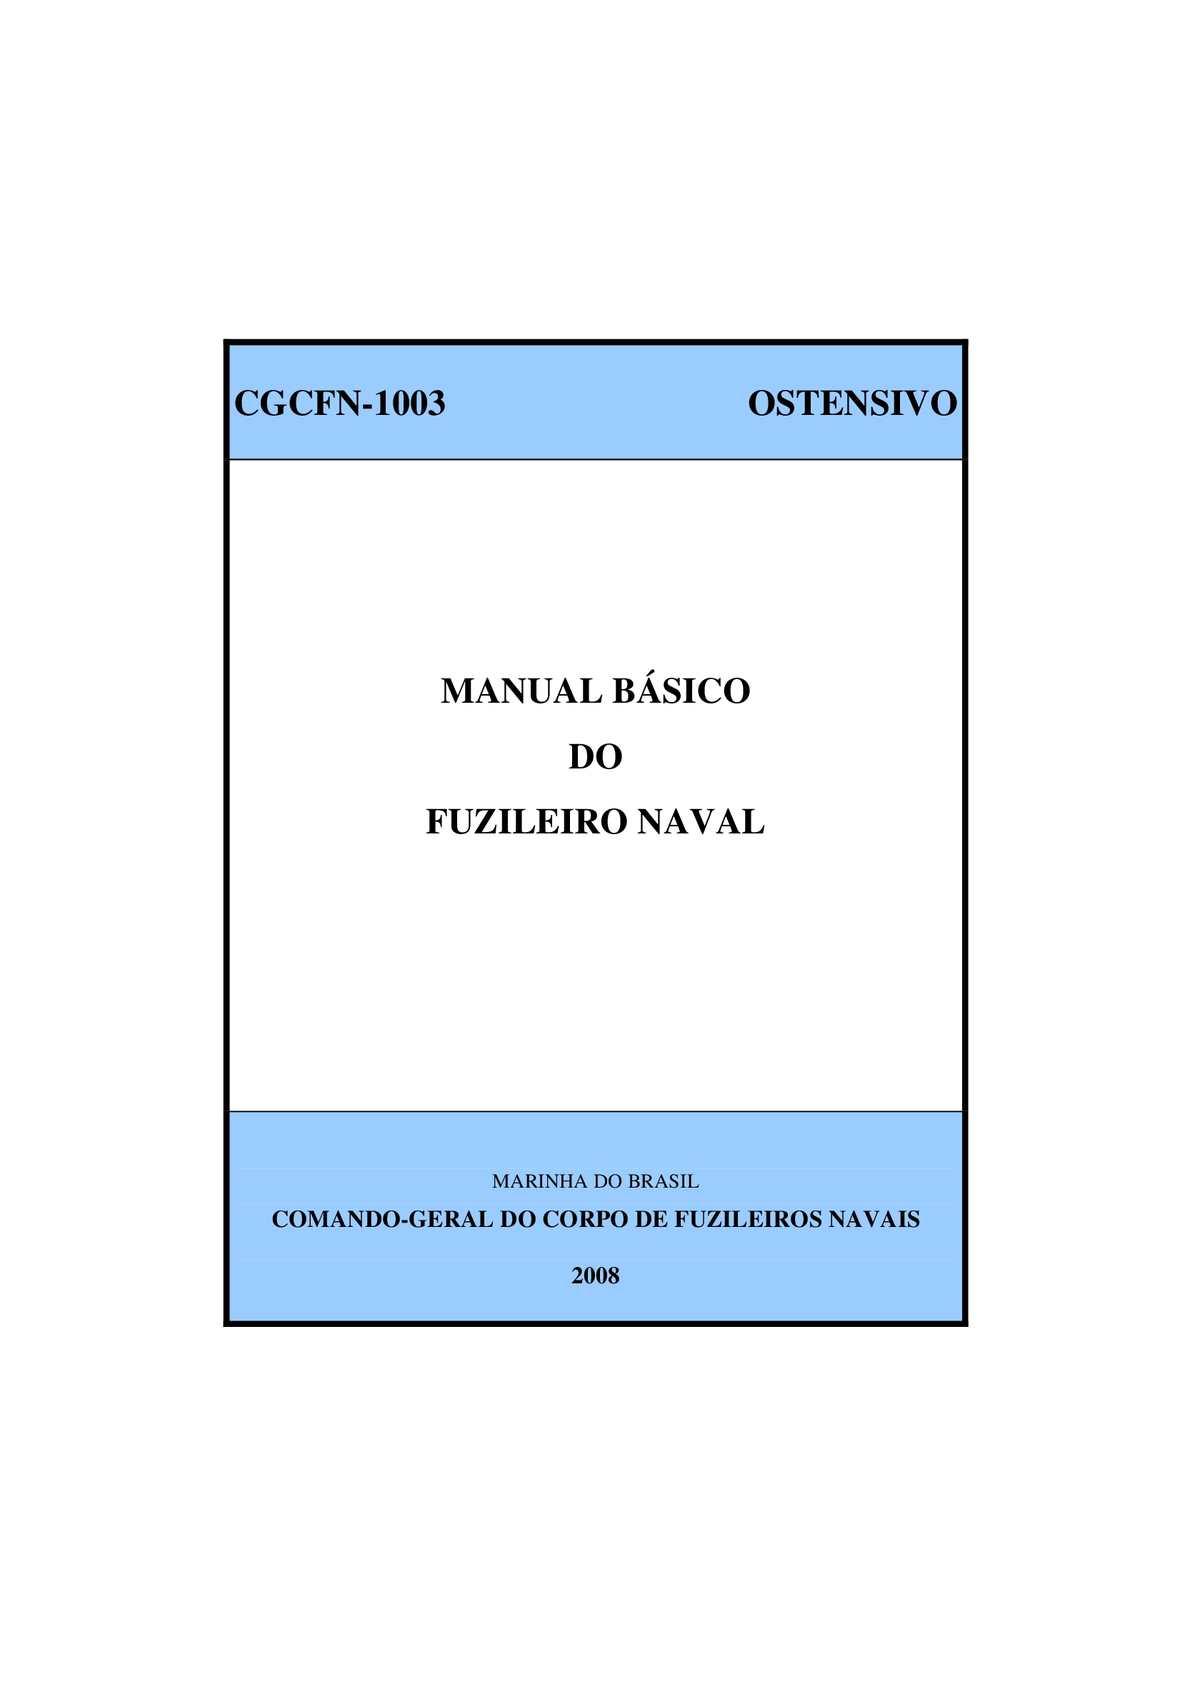 Calaméo - CGCFN-1003 - Manual Básico do Fuzileiro Naval 9e15cac9c3